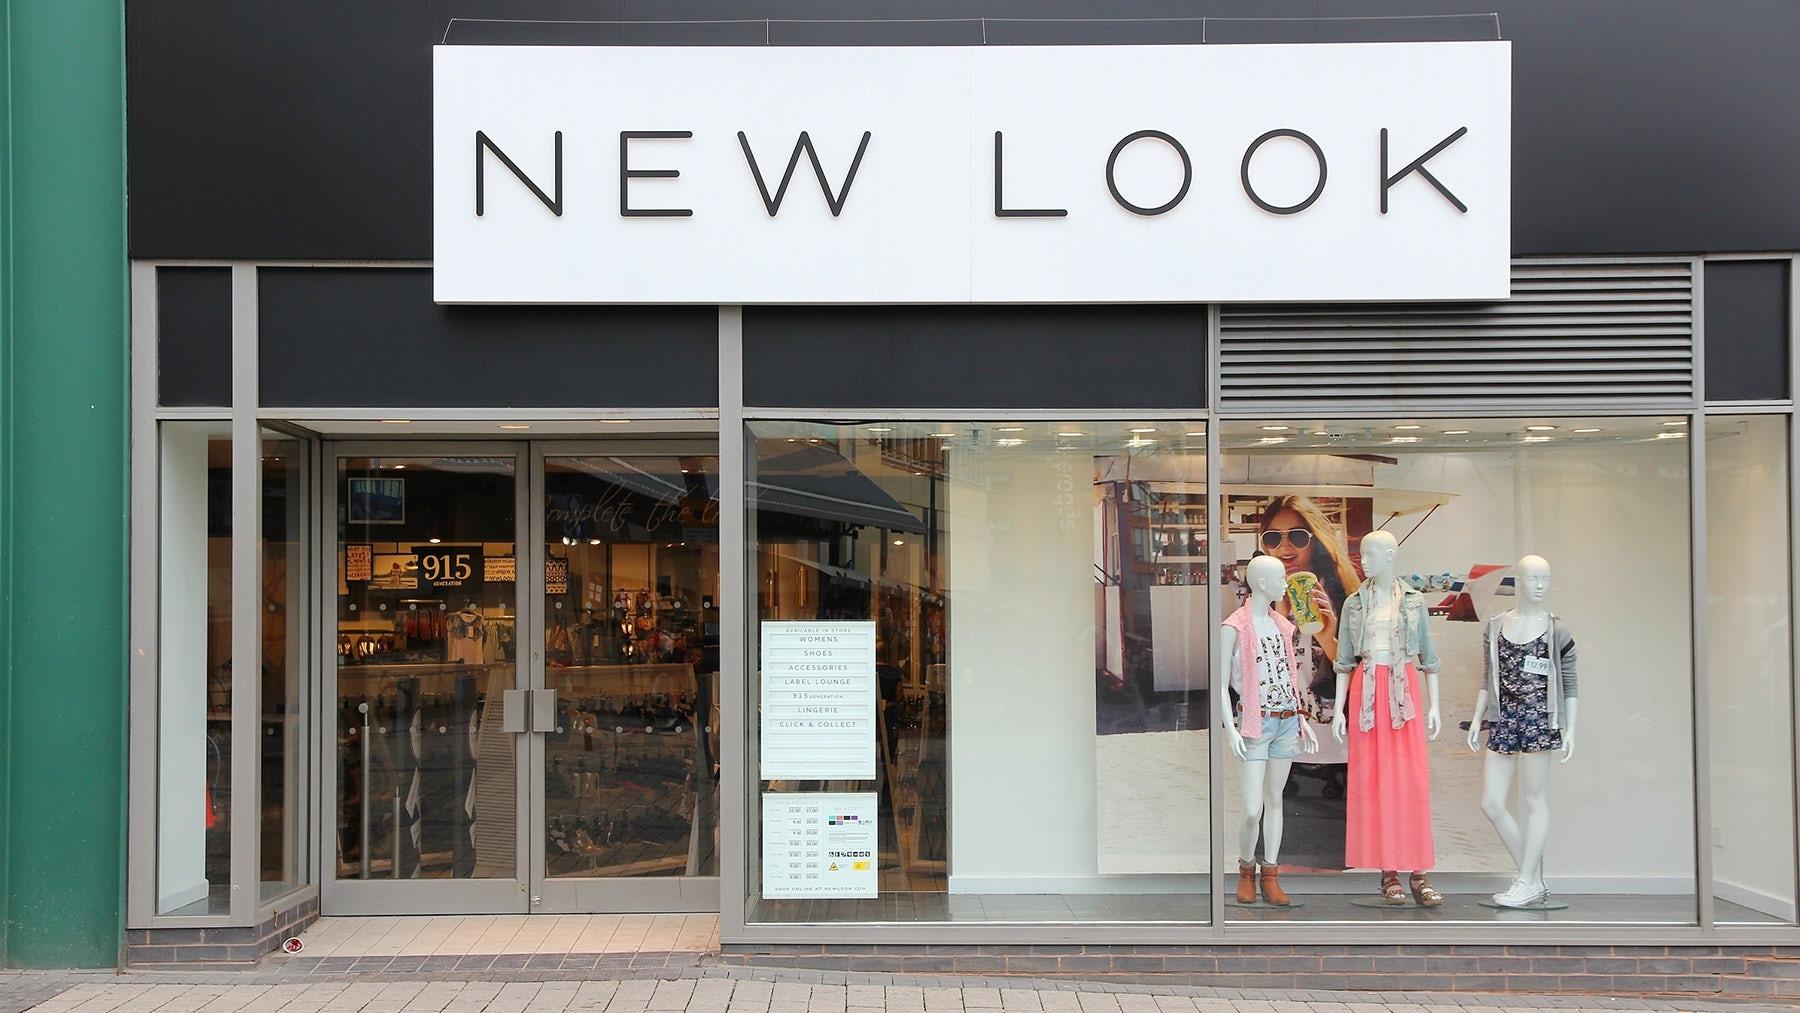 New Look store | Source: Shutterstock